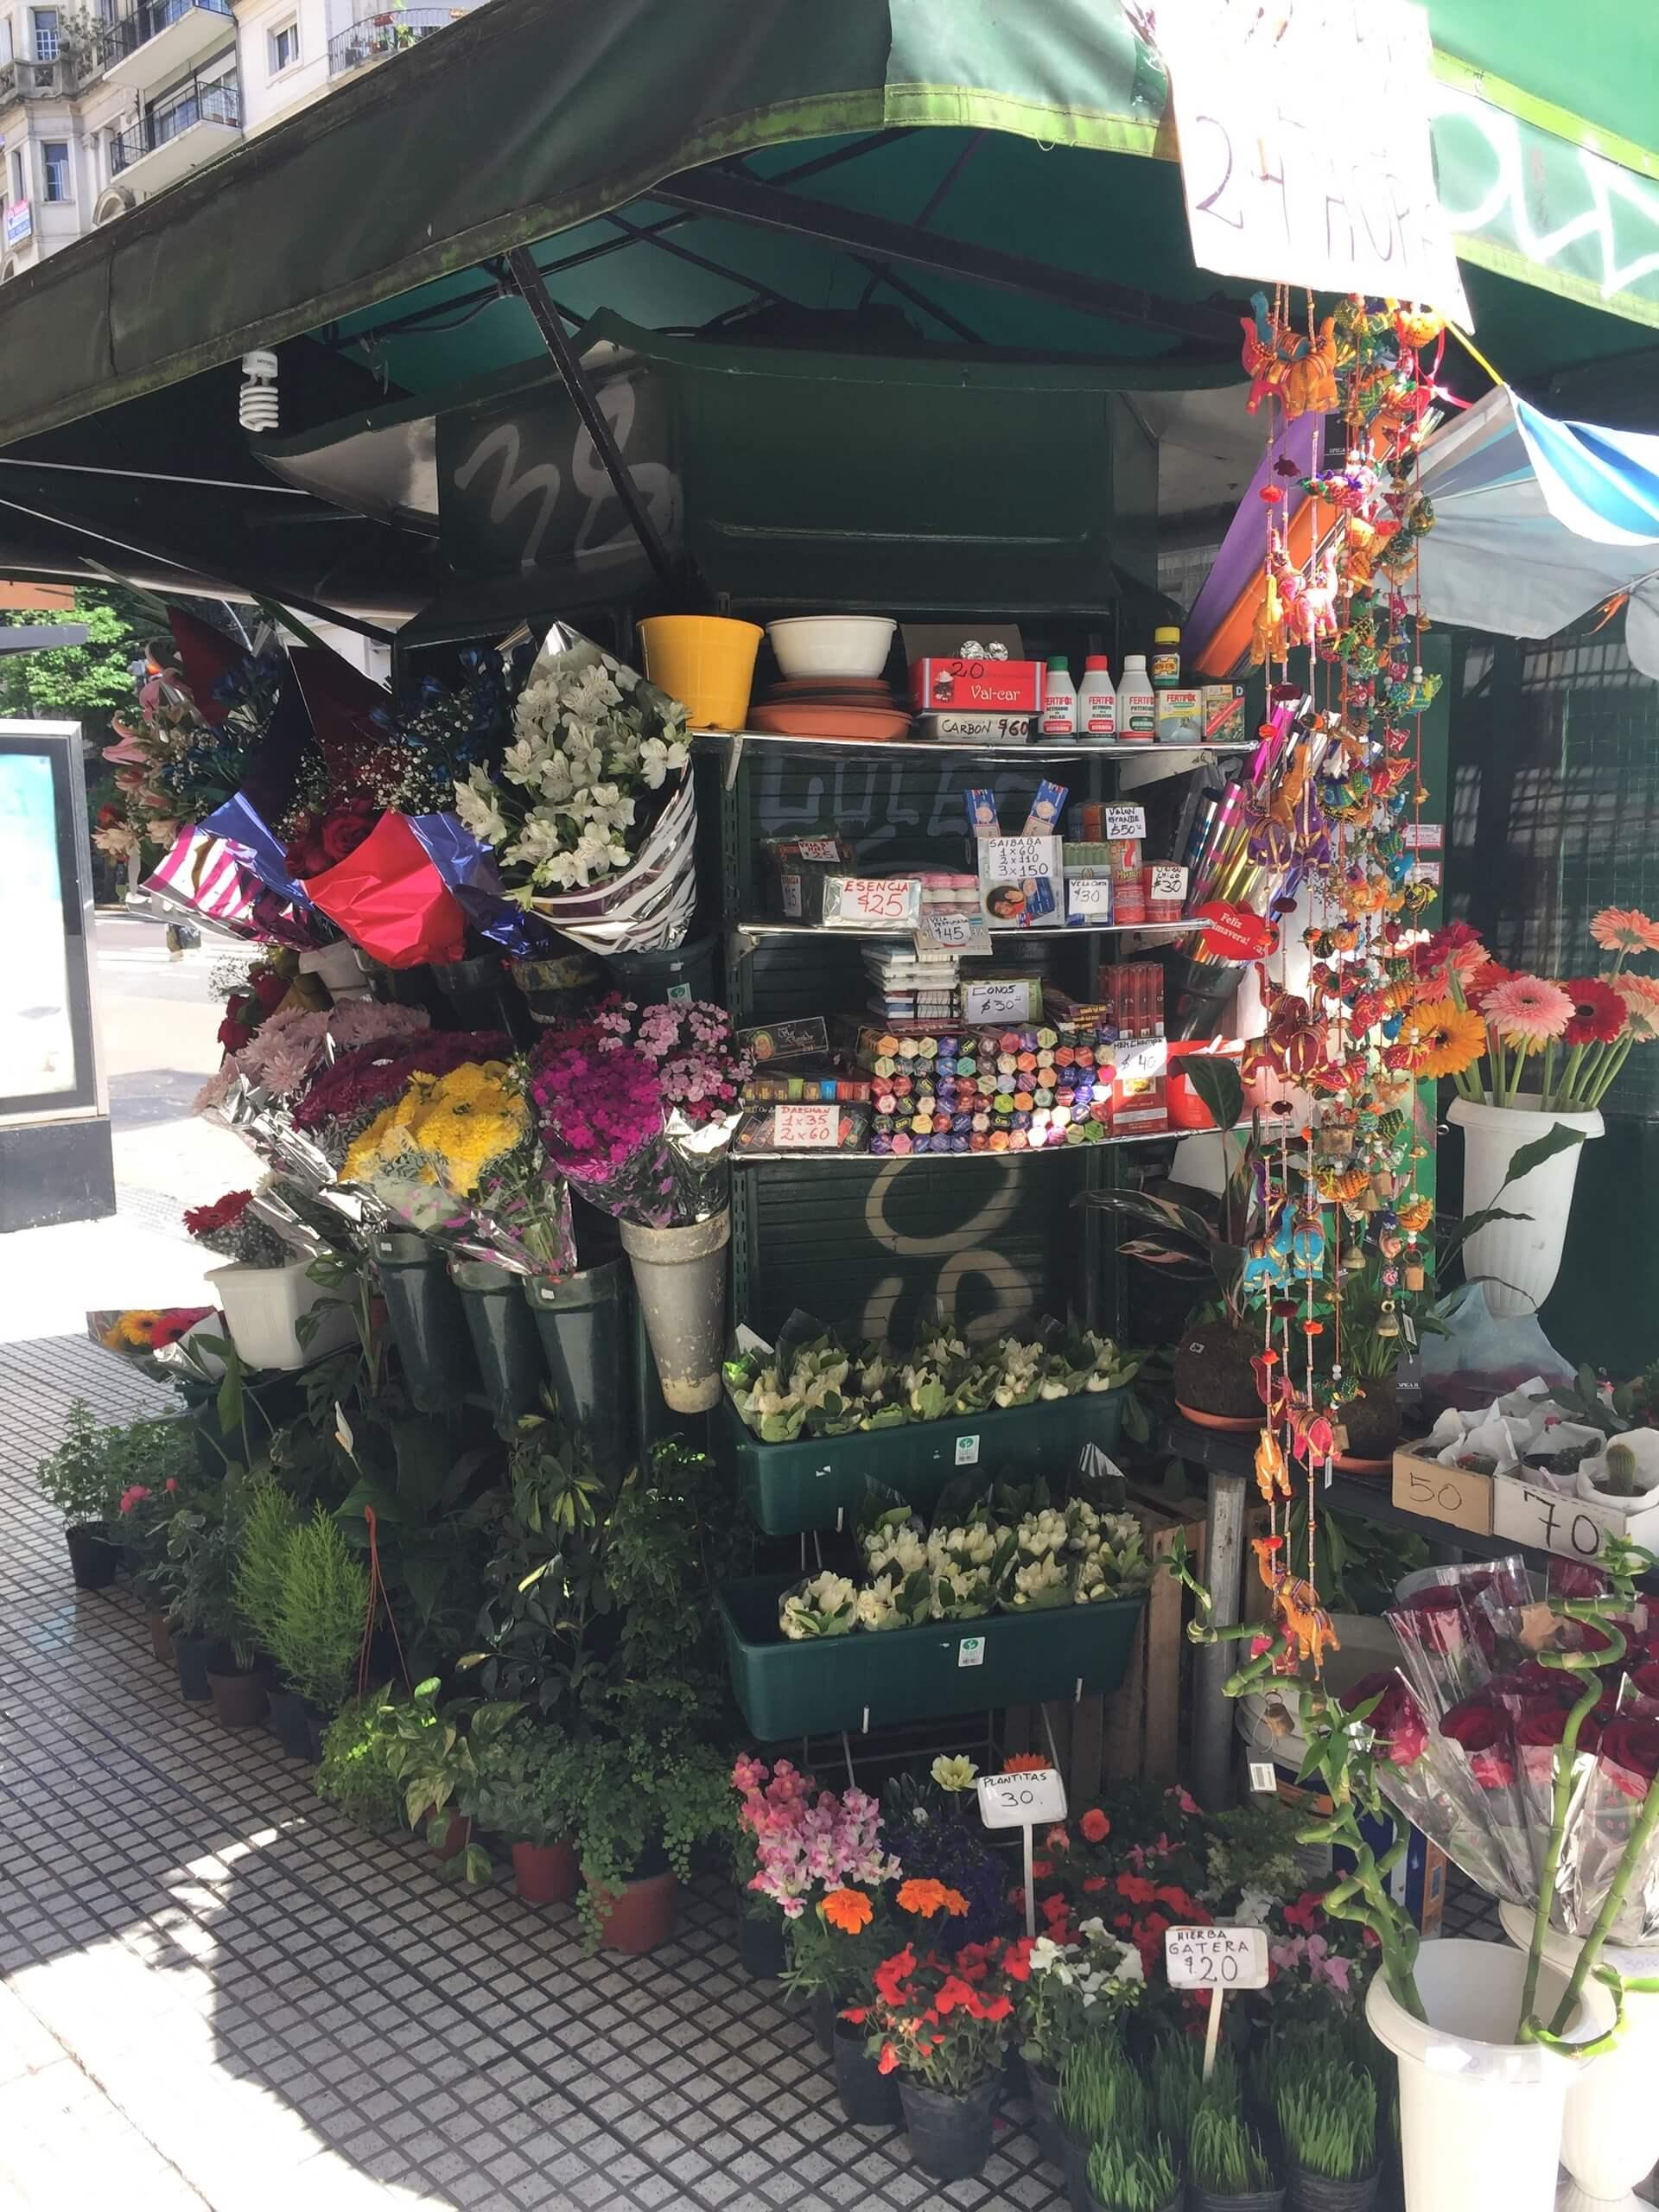 Se estiver pela cidade e gostar de flores, fique sempre atento às bancas para conhecer, admirar e comprar algumas espécies que não temos no Brasil. Foto: Fabíola Cordeiro.